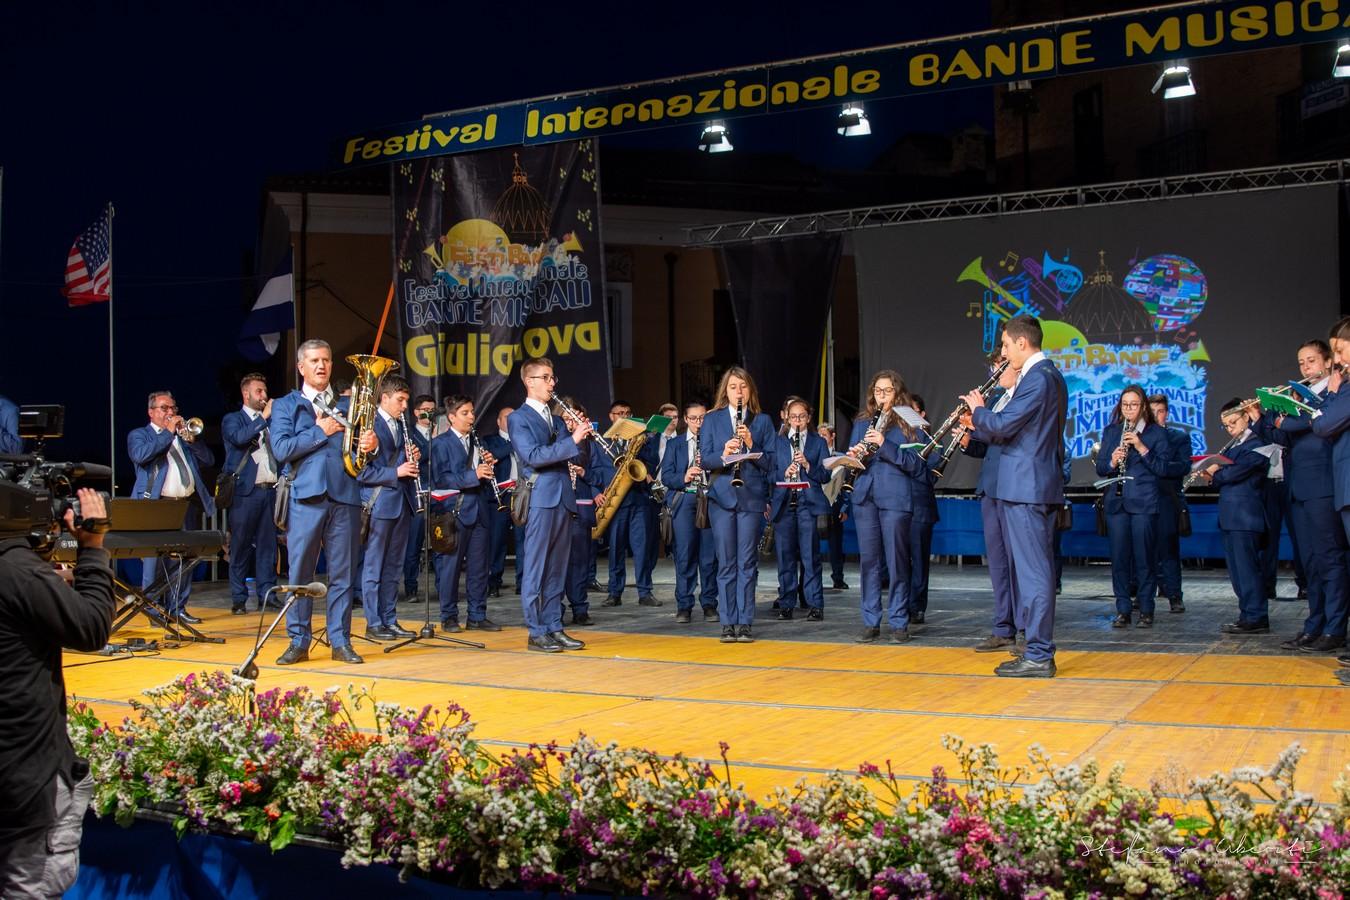 festival-bande-giulianova10